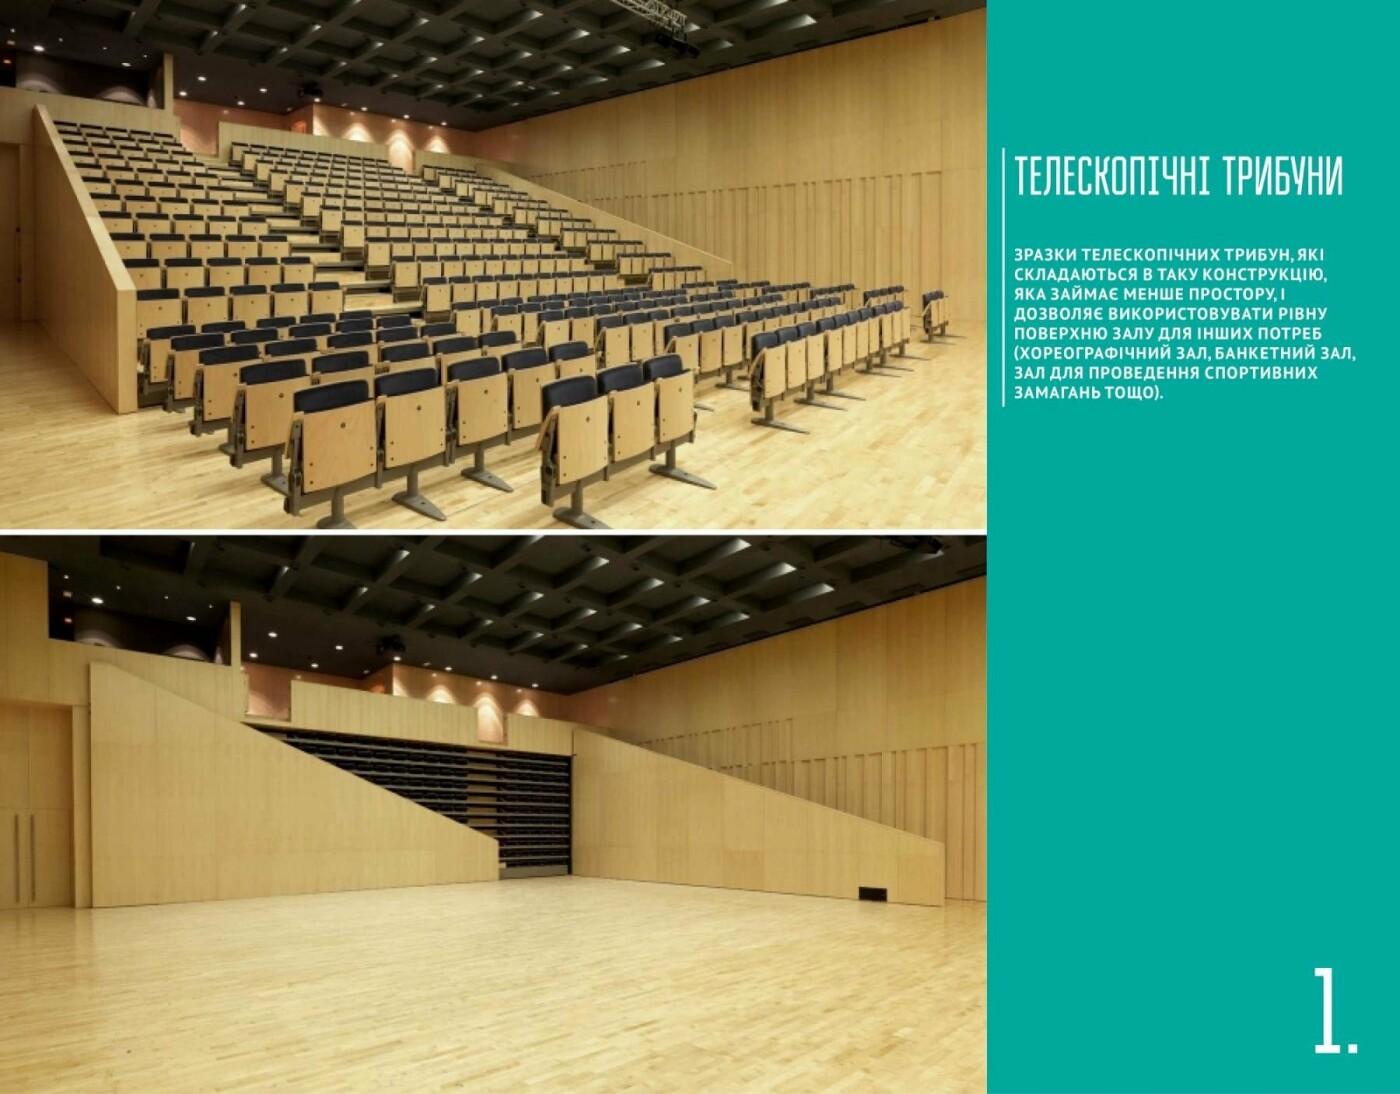 Концепція розвитку: яким буде кінотеатр Шевченка в майбутньому, фото-8